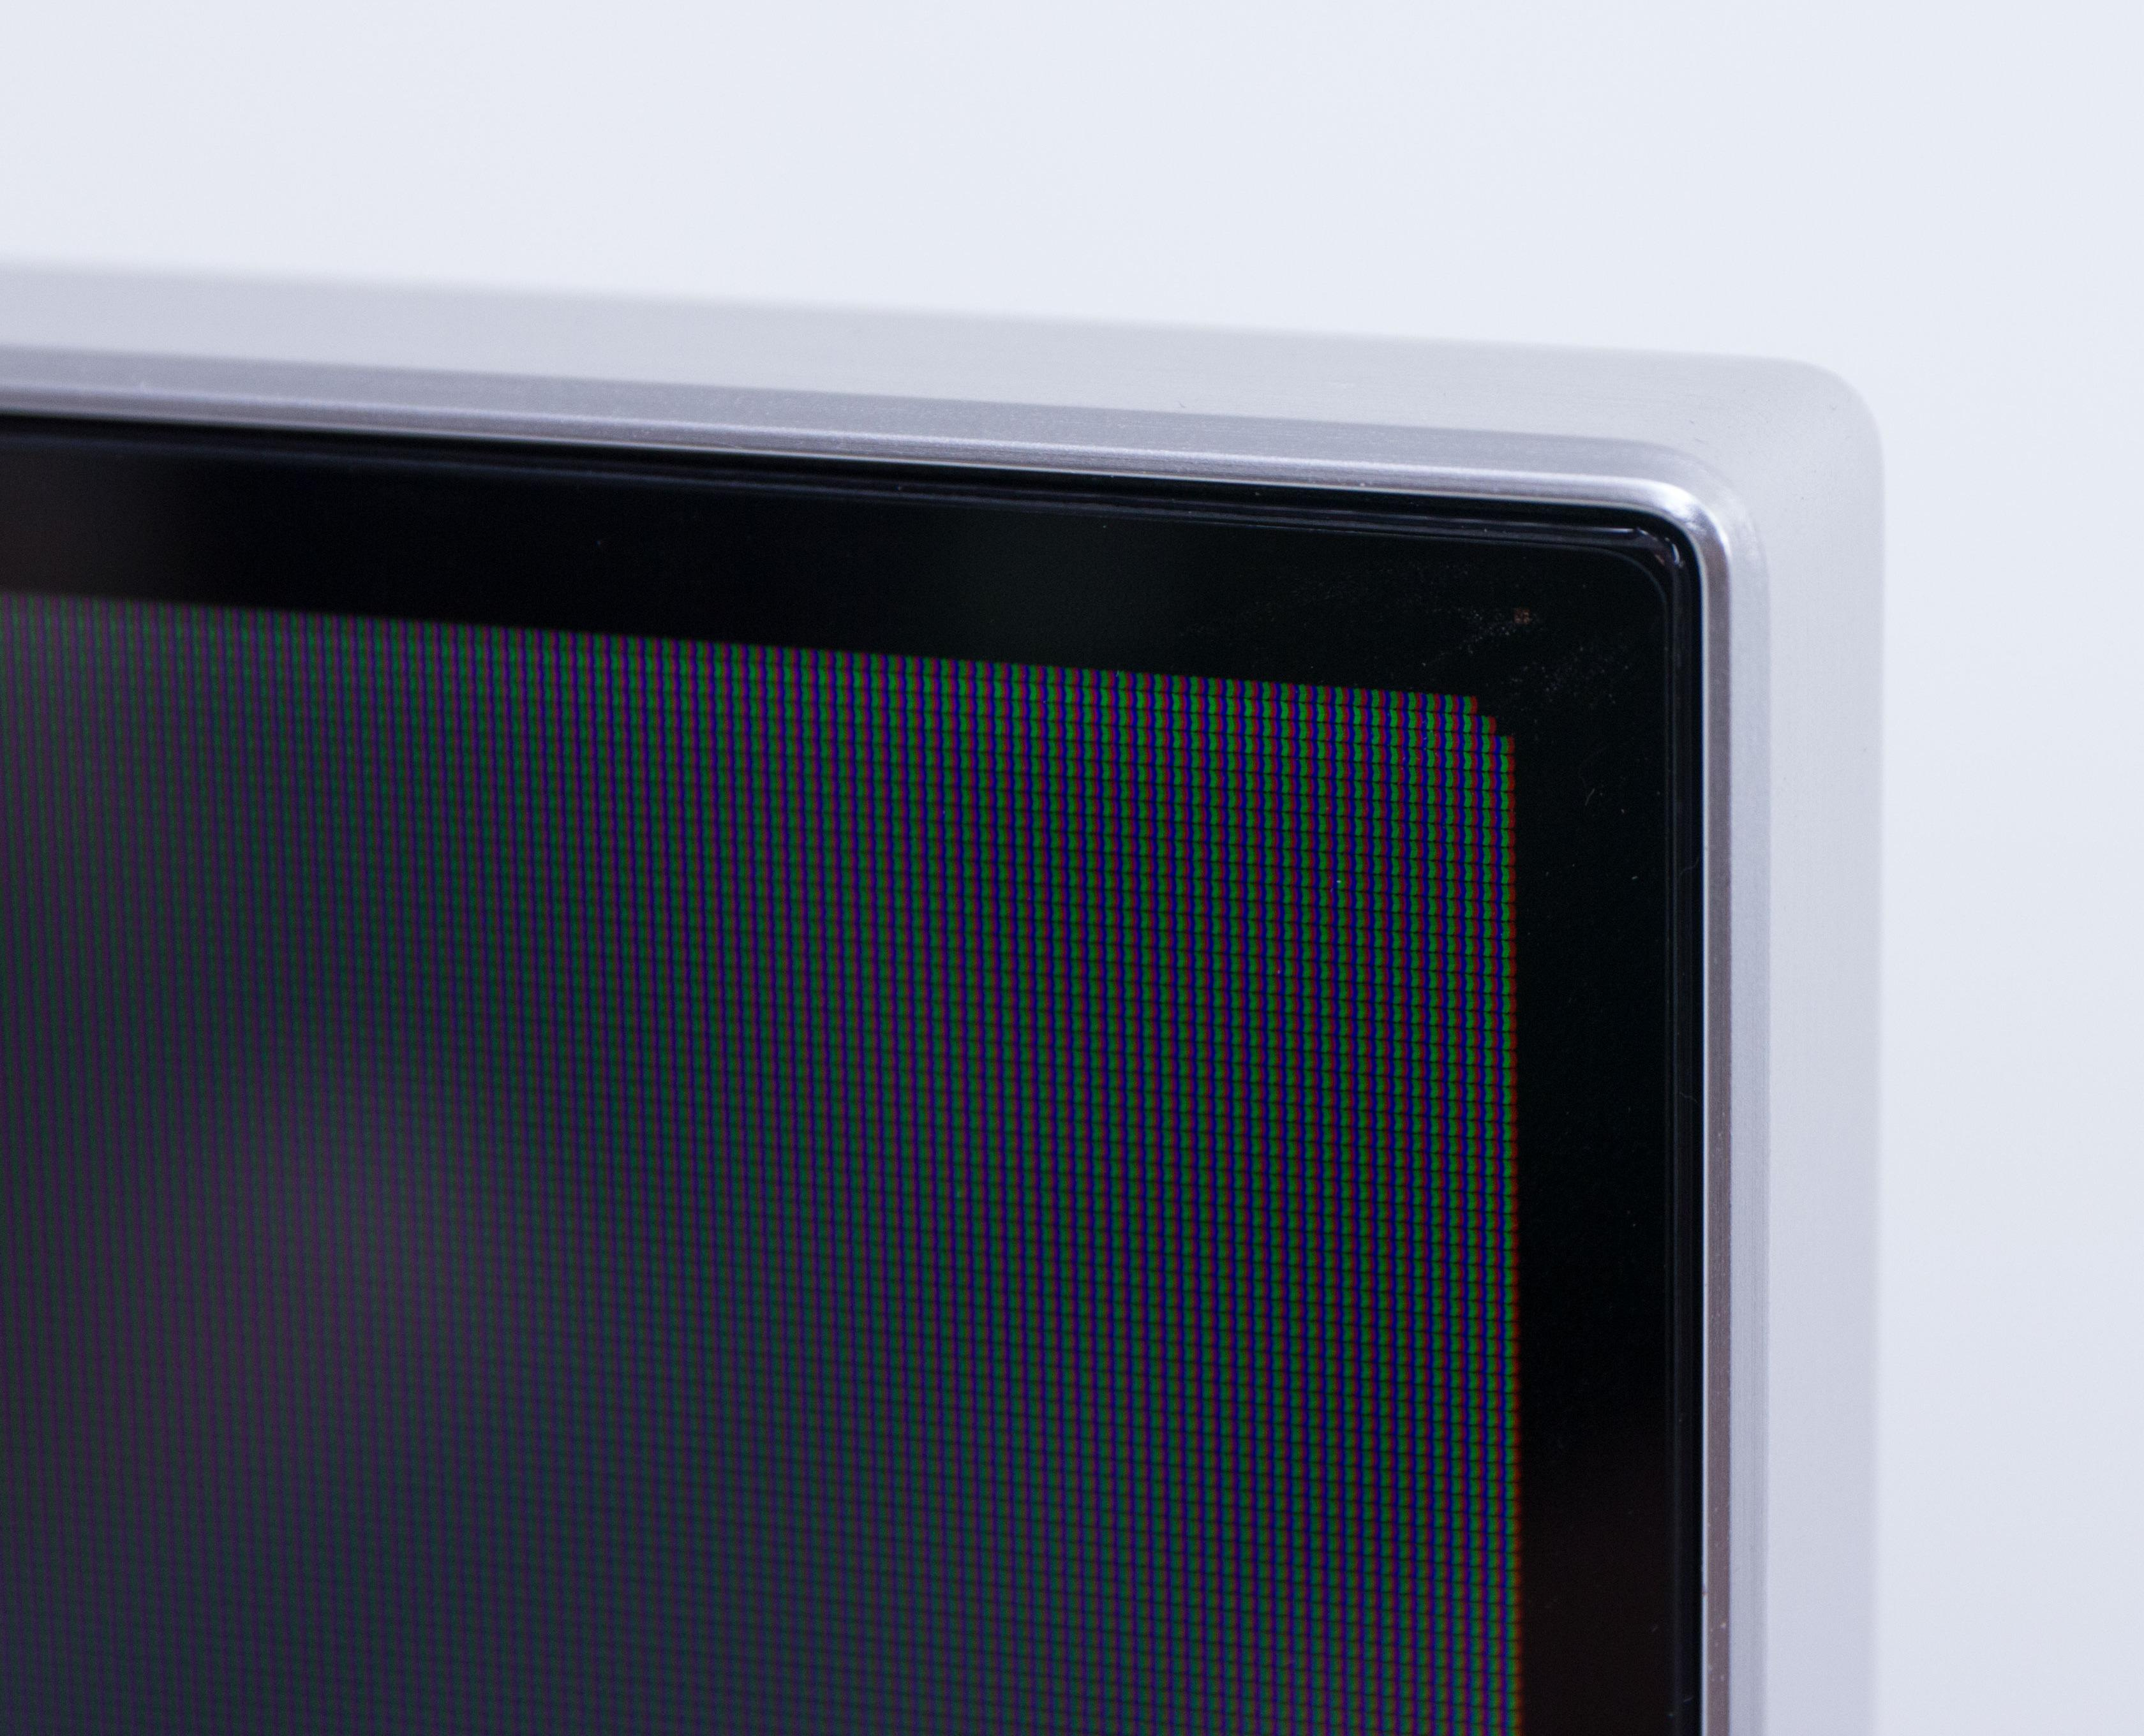 Rammen rundt skjermen er i aluminium, og bidrar til et lekkert ytre. .Foto: Ole Henrik Johansen / Hardware.no